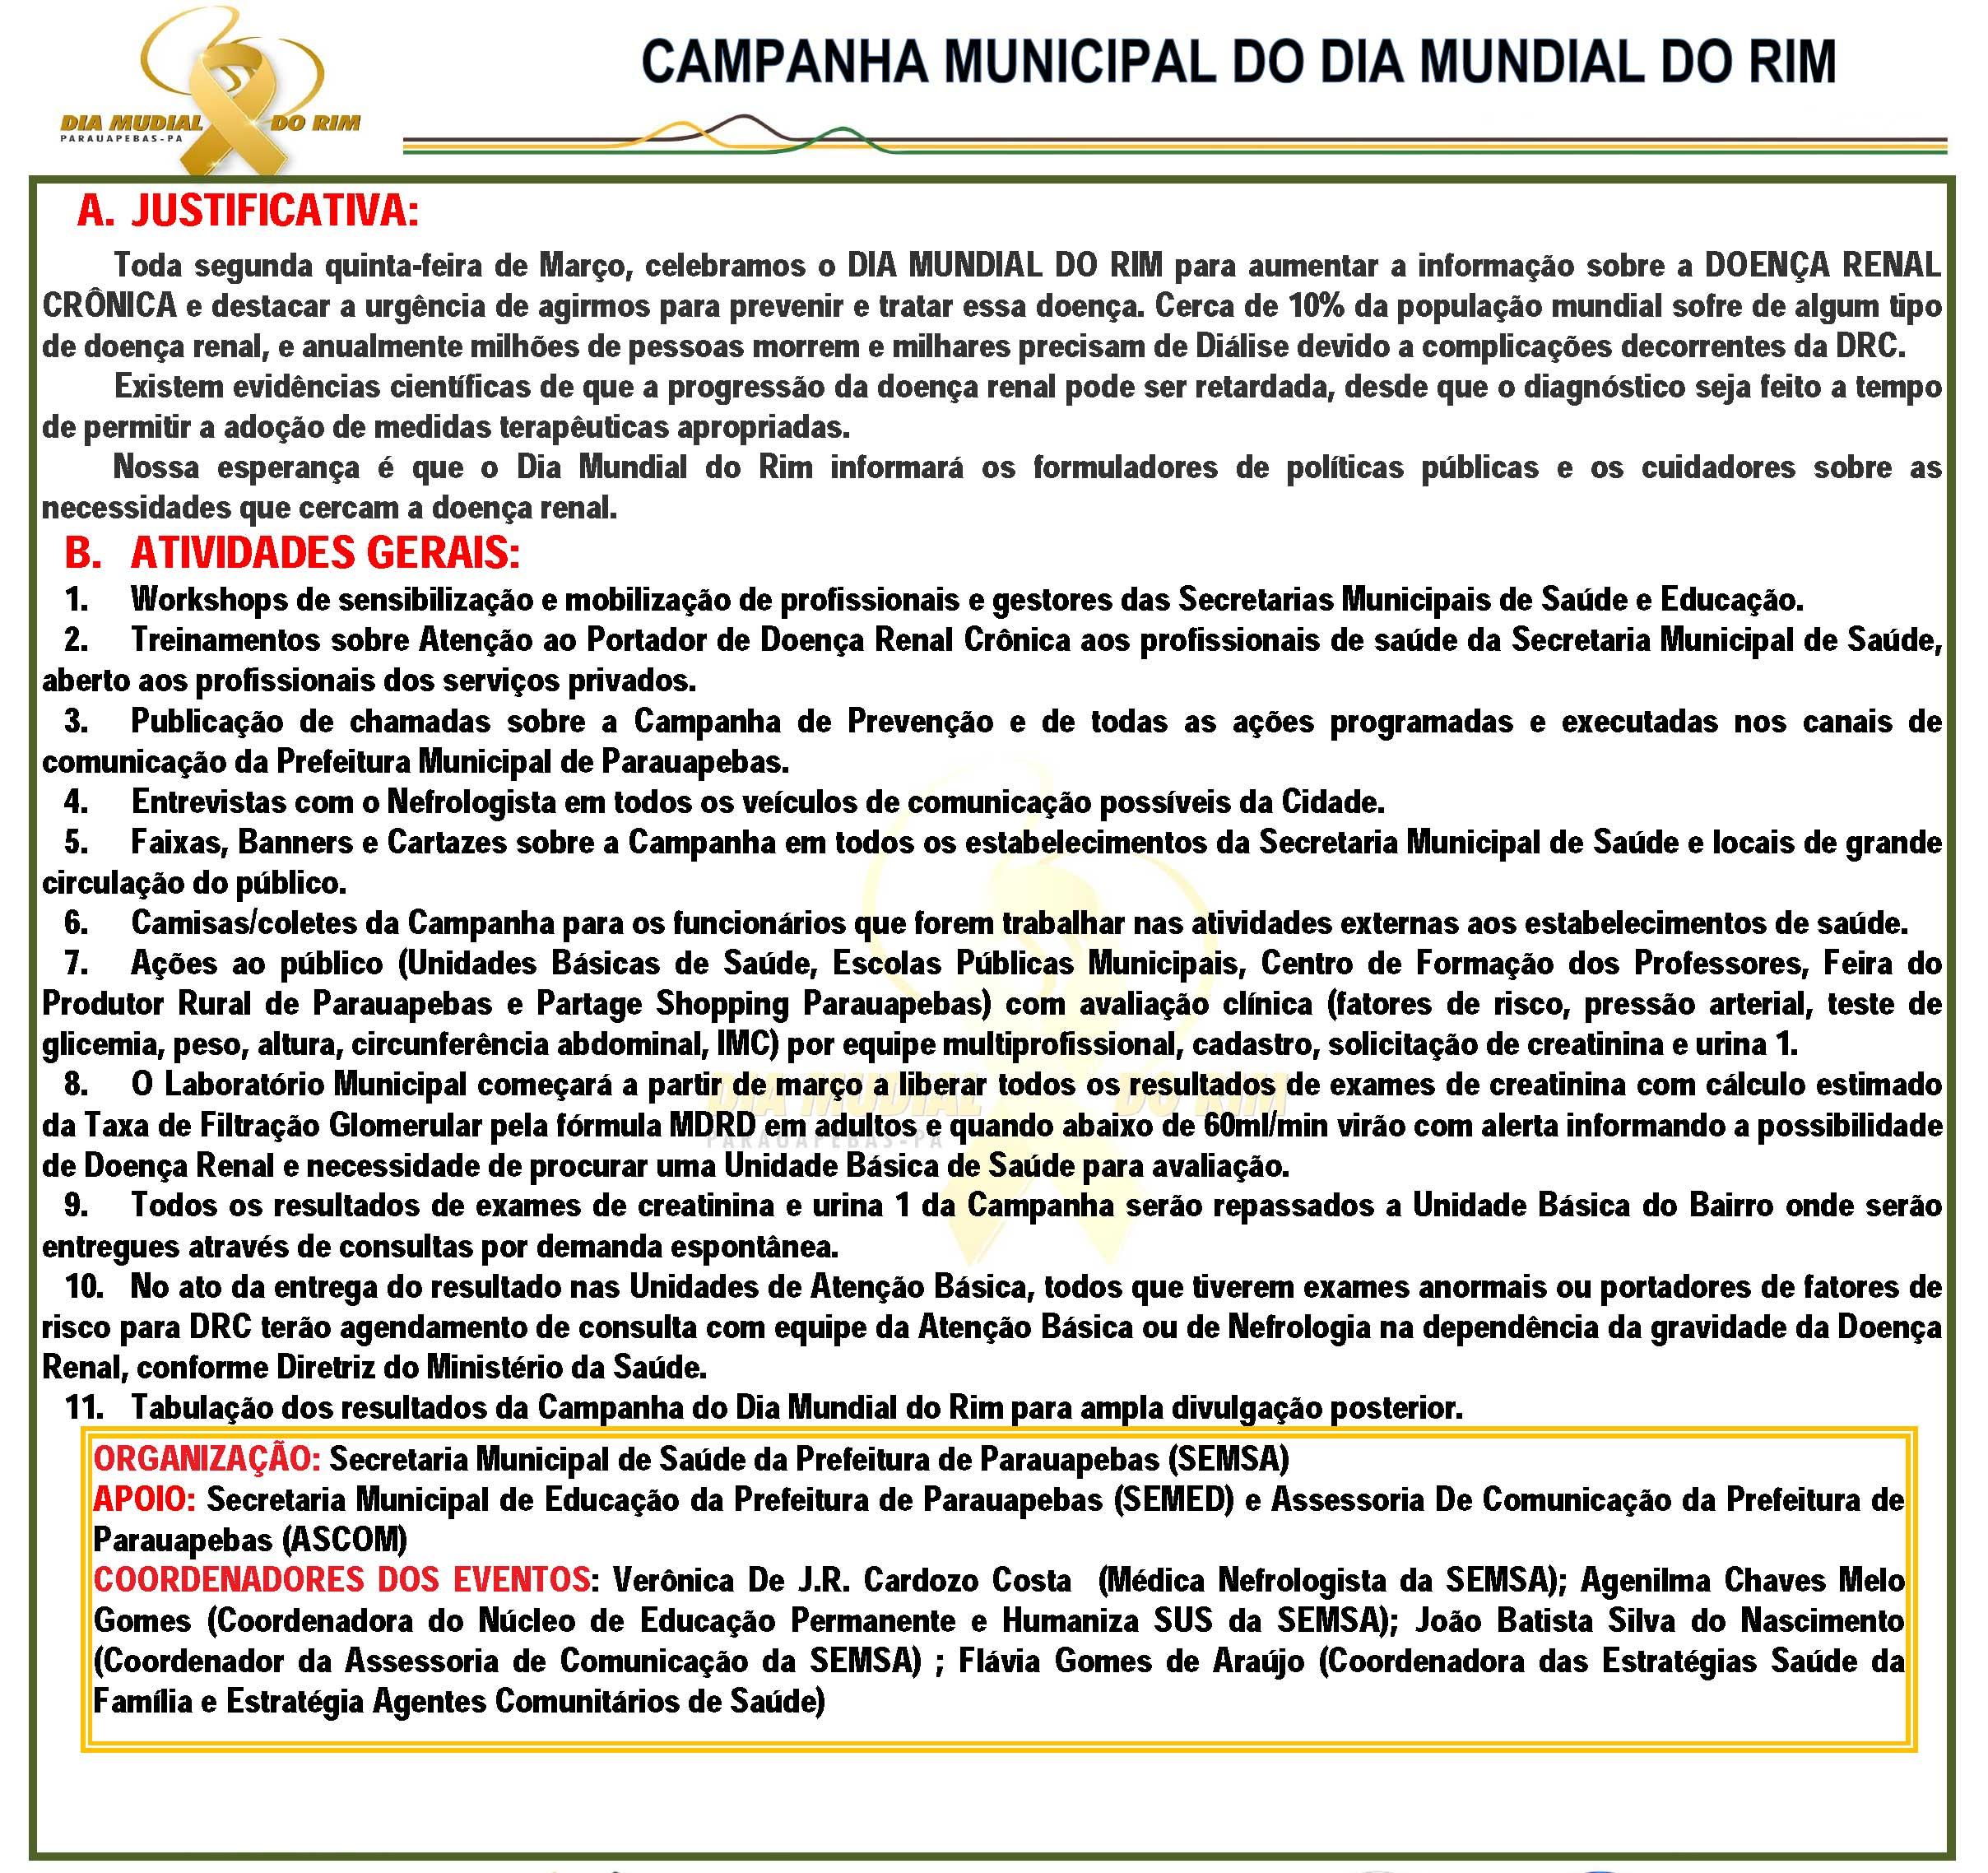 PARAUAPEBAS-PROGRAMAÇÃO-1-DIA-MUNDIAL-DO-RIM-2016-em-Parauapebas